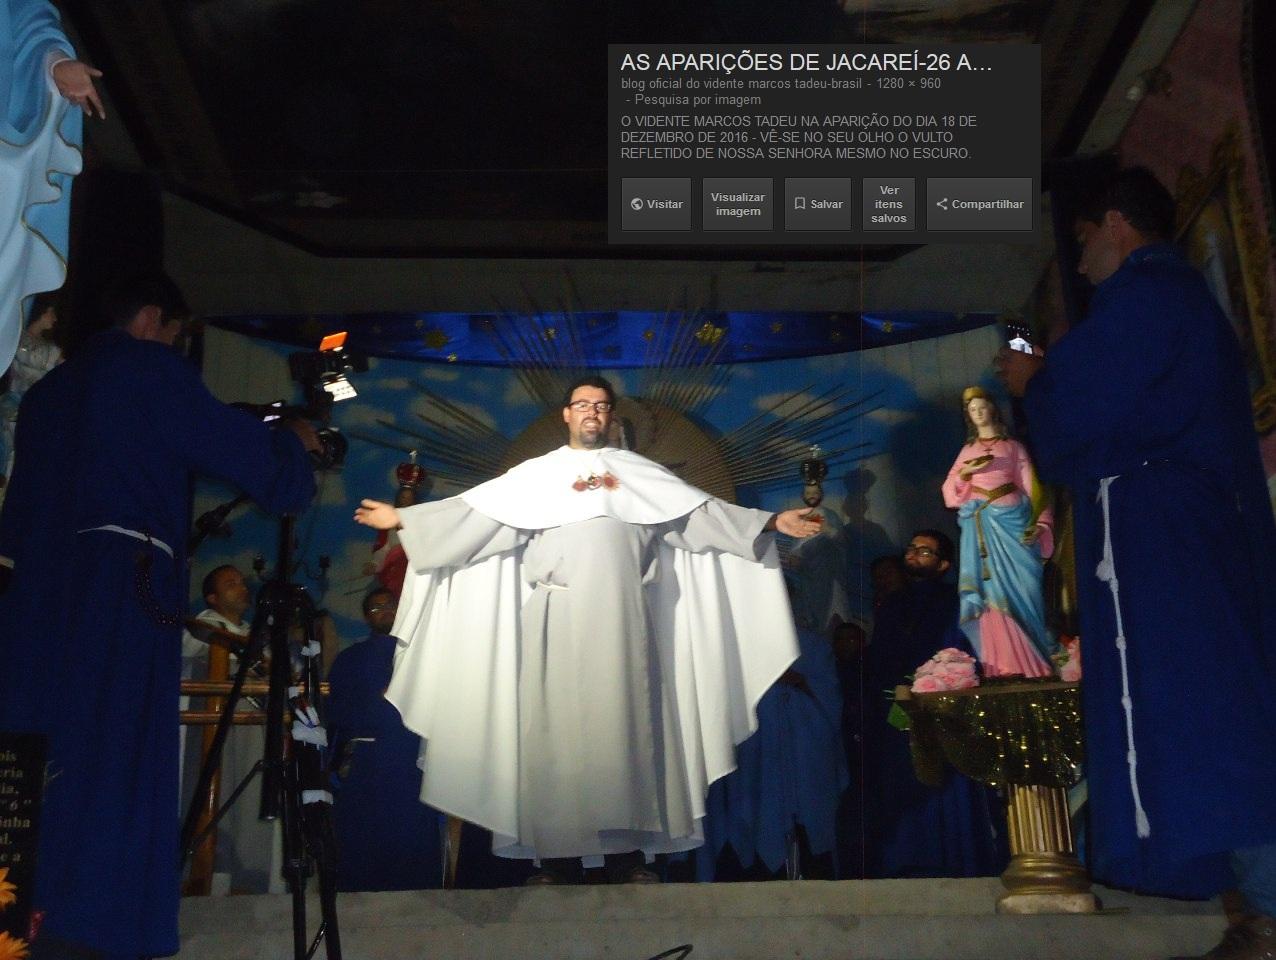 blog oficial. www.jacareiencantado.Marquinho vidente. Santuário das aparições de jacareí . seita católica. photoshop,Amantíssimo Coração, mensageira da paz